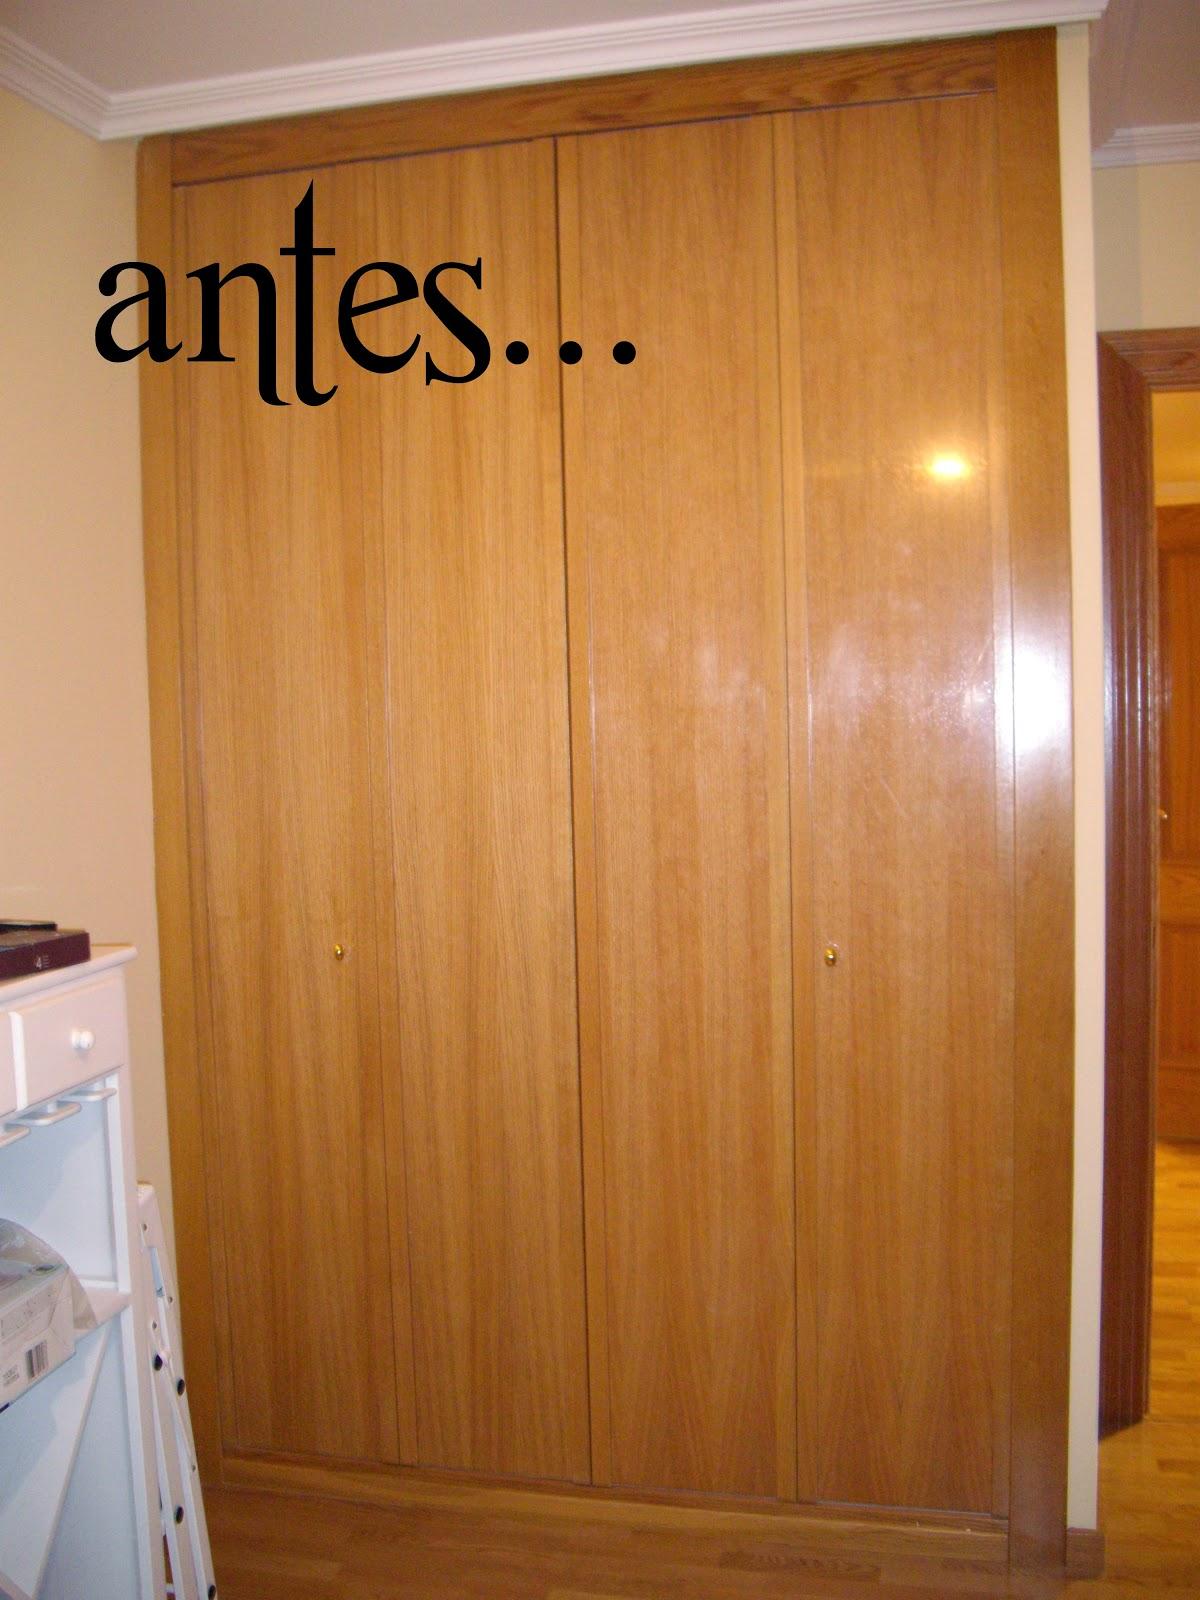 Carlos anchundia renovar un armario el lacado for Cambiar el color de las puertas